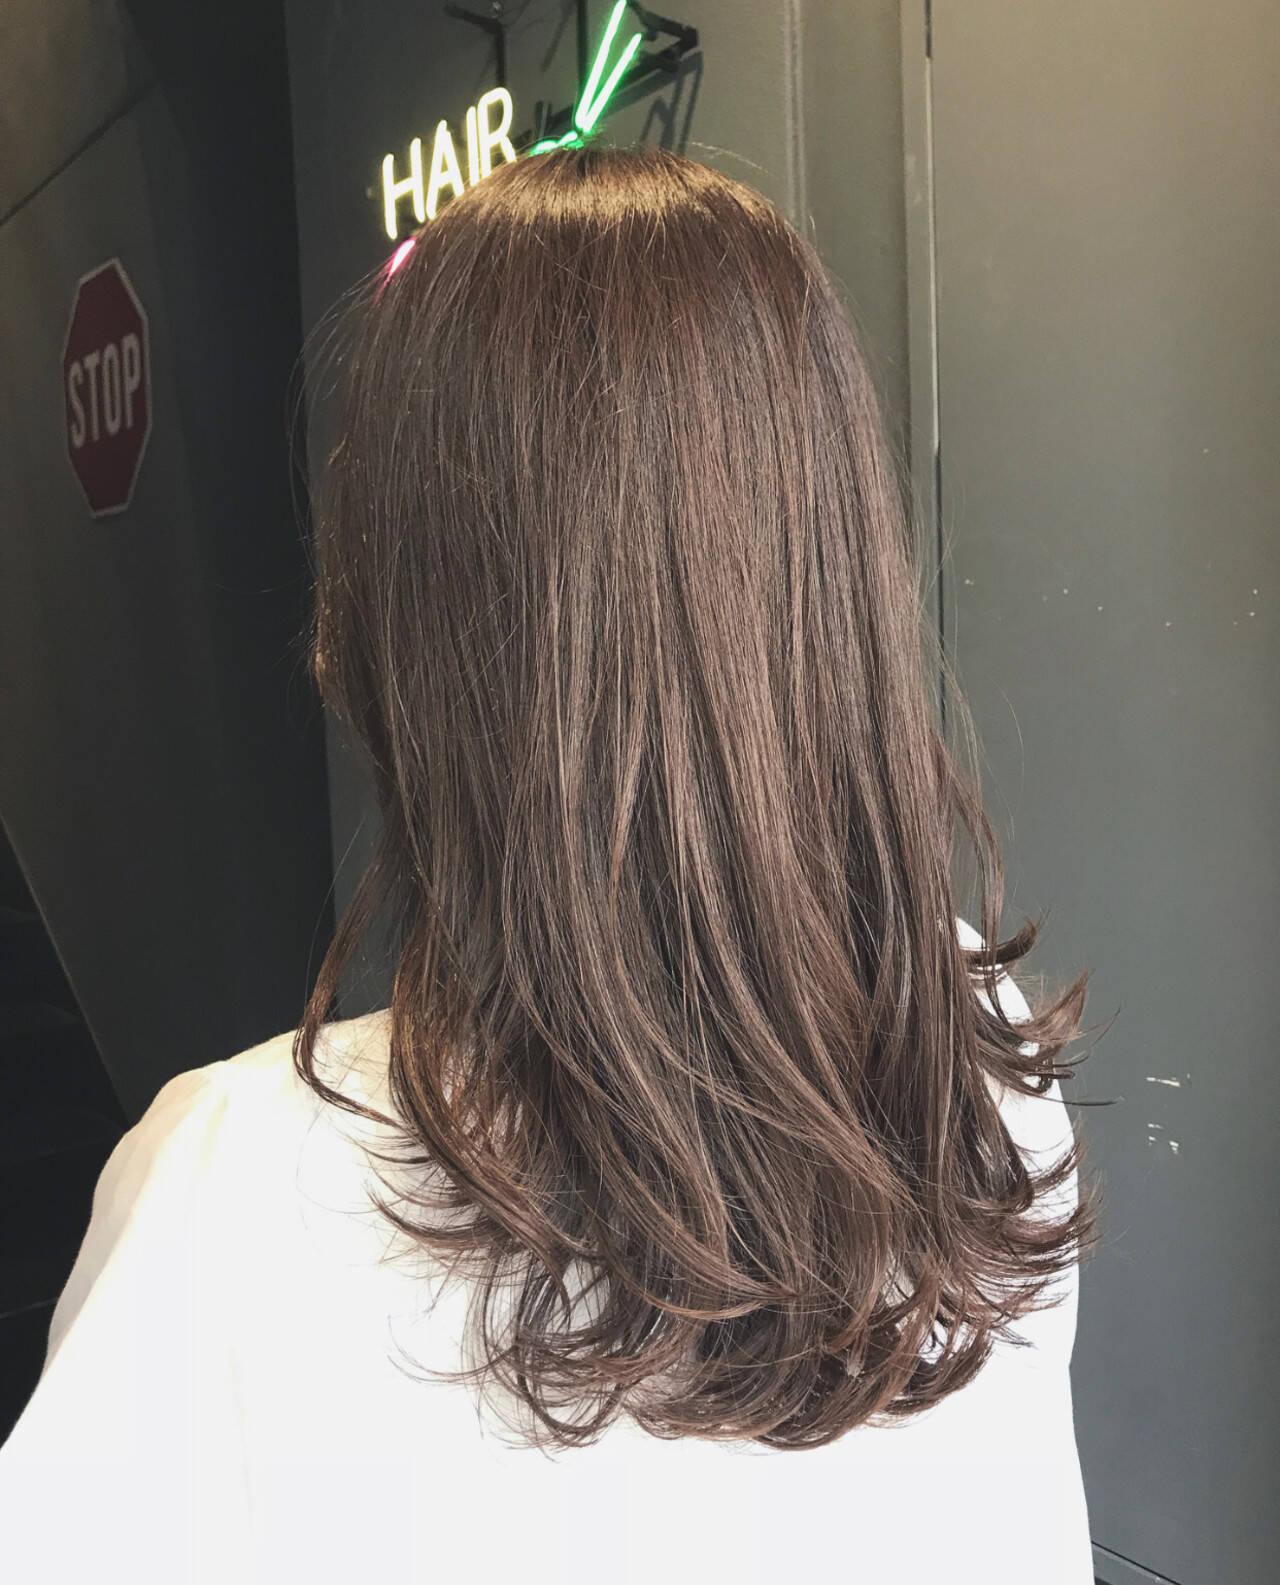 セミロング ラベージュ ナチュラル 透明感カラーヘアスタイルや髪型の写真・画像